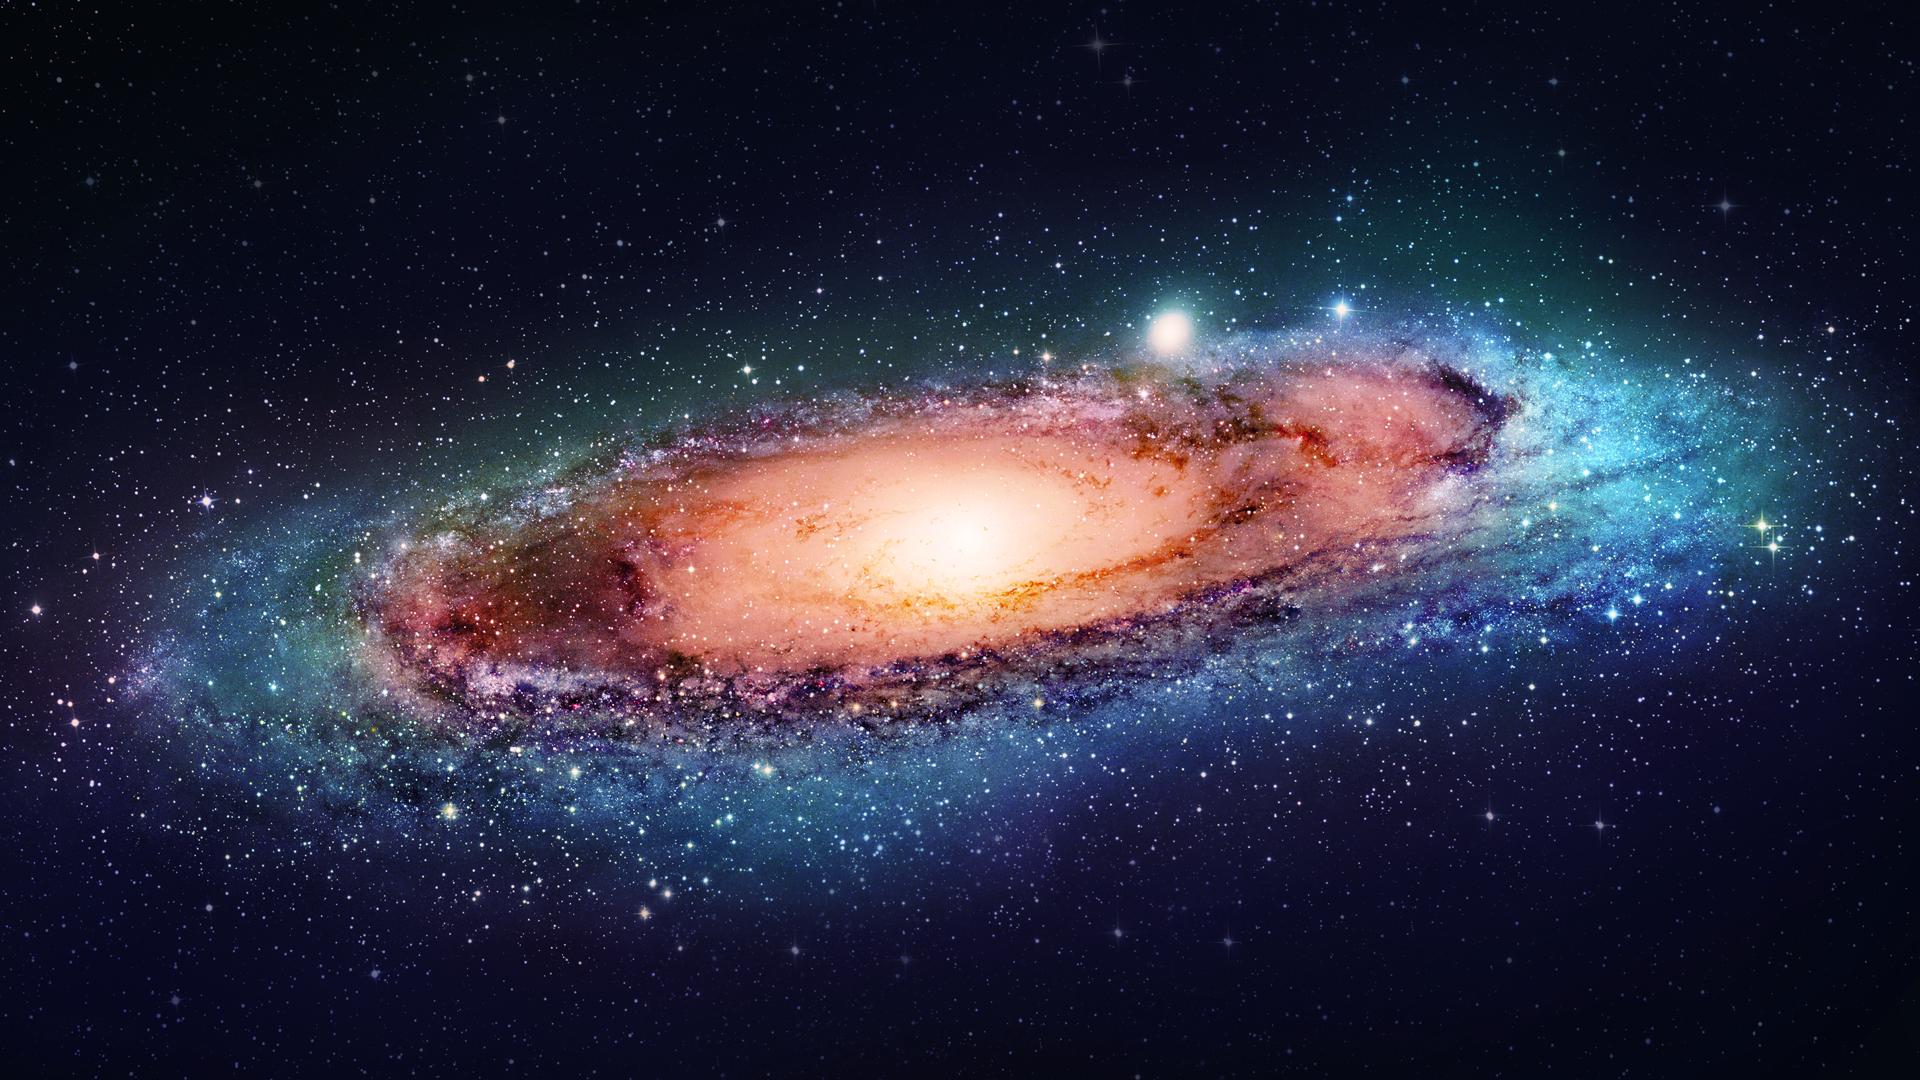 космос на рабочий стол картинки